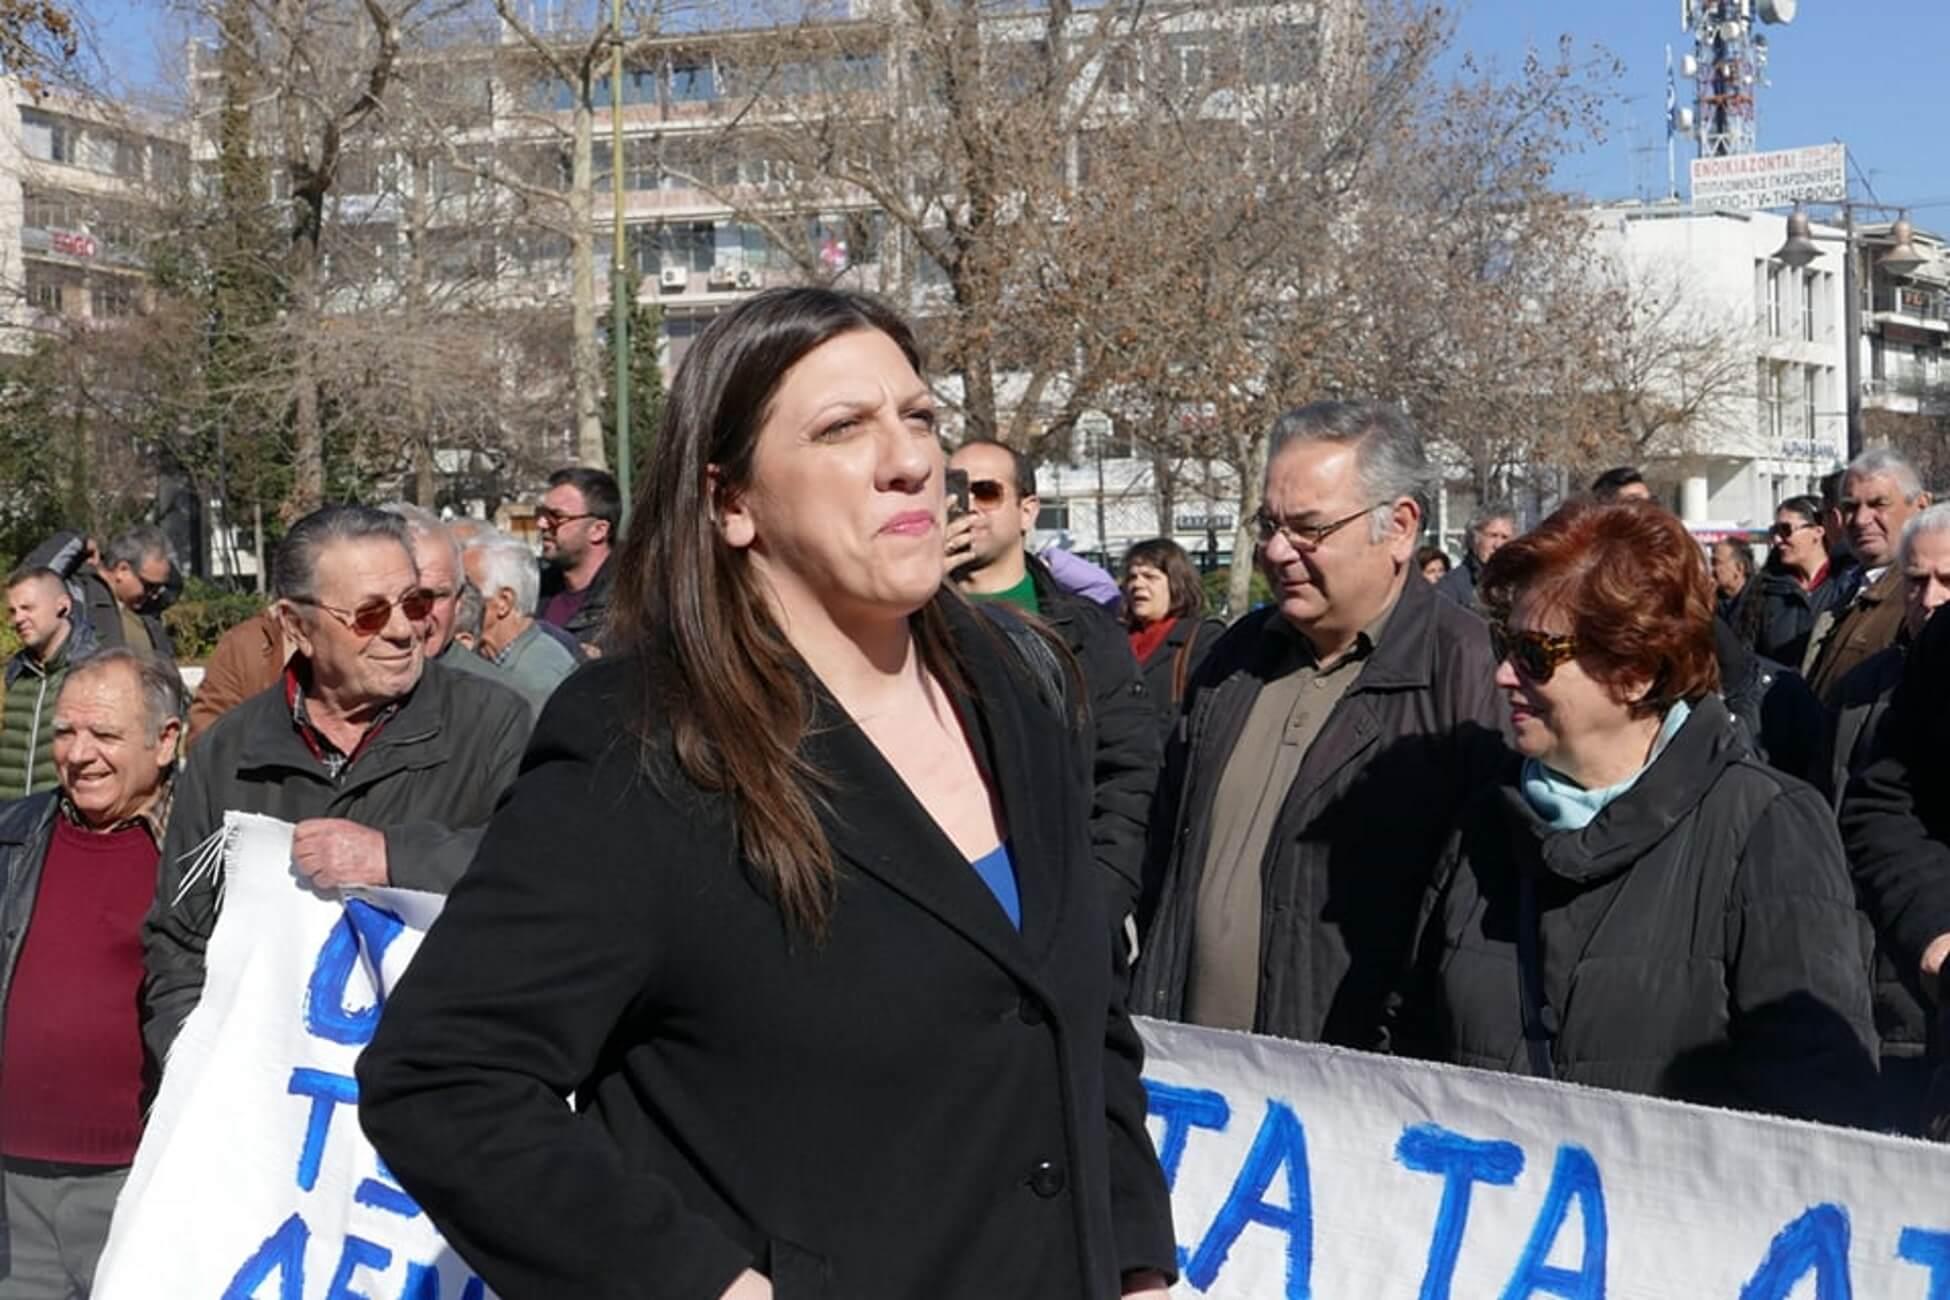 Λάρισα: Διαμαρτυρία αγροτών έξω από τα δικαστήρια – Παρούσα και η Ζωή Κωνσταντοπούλου – video